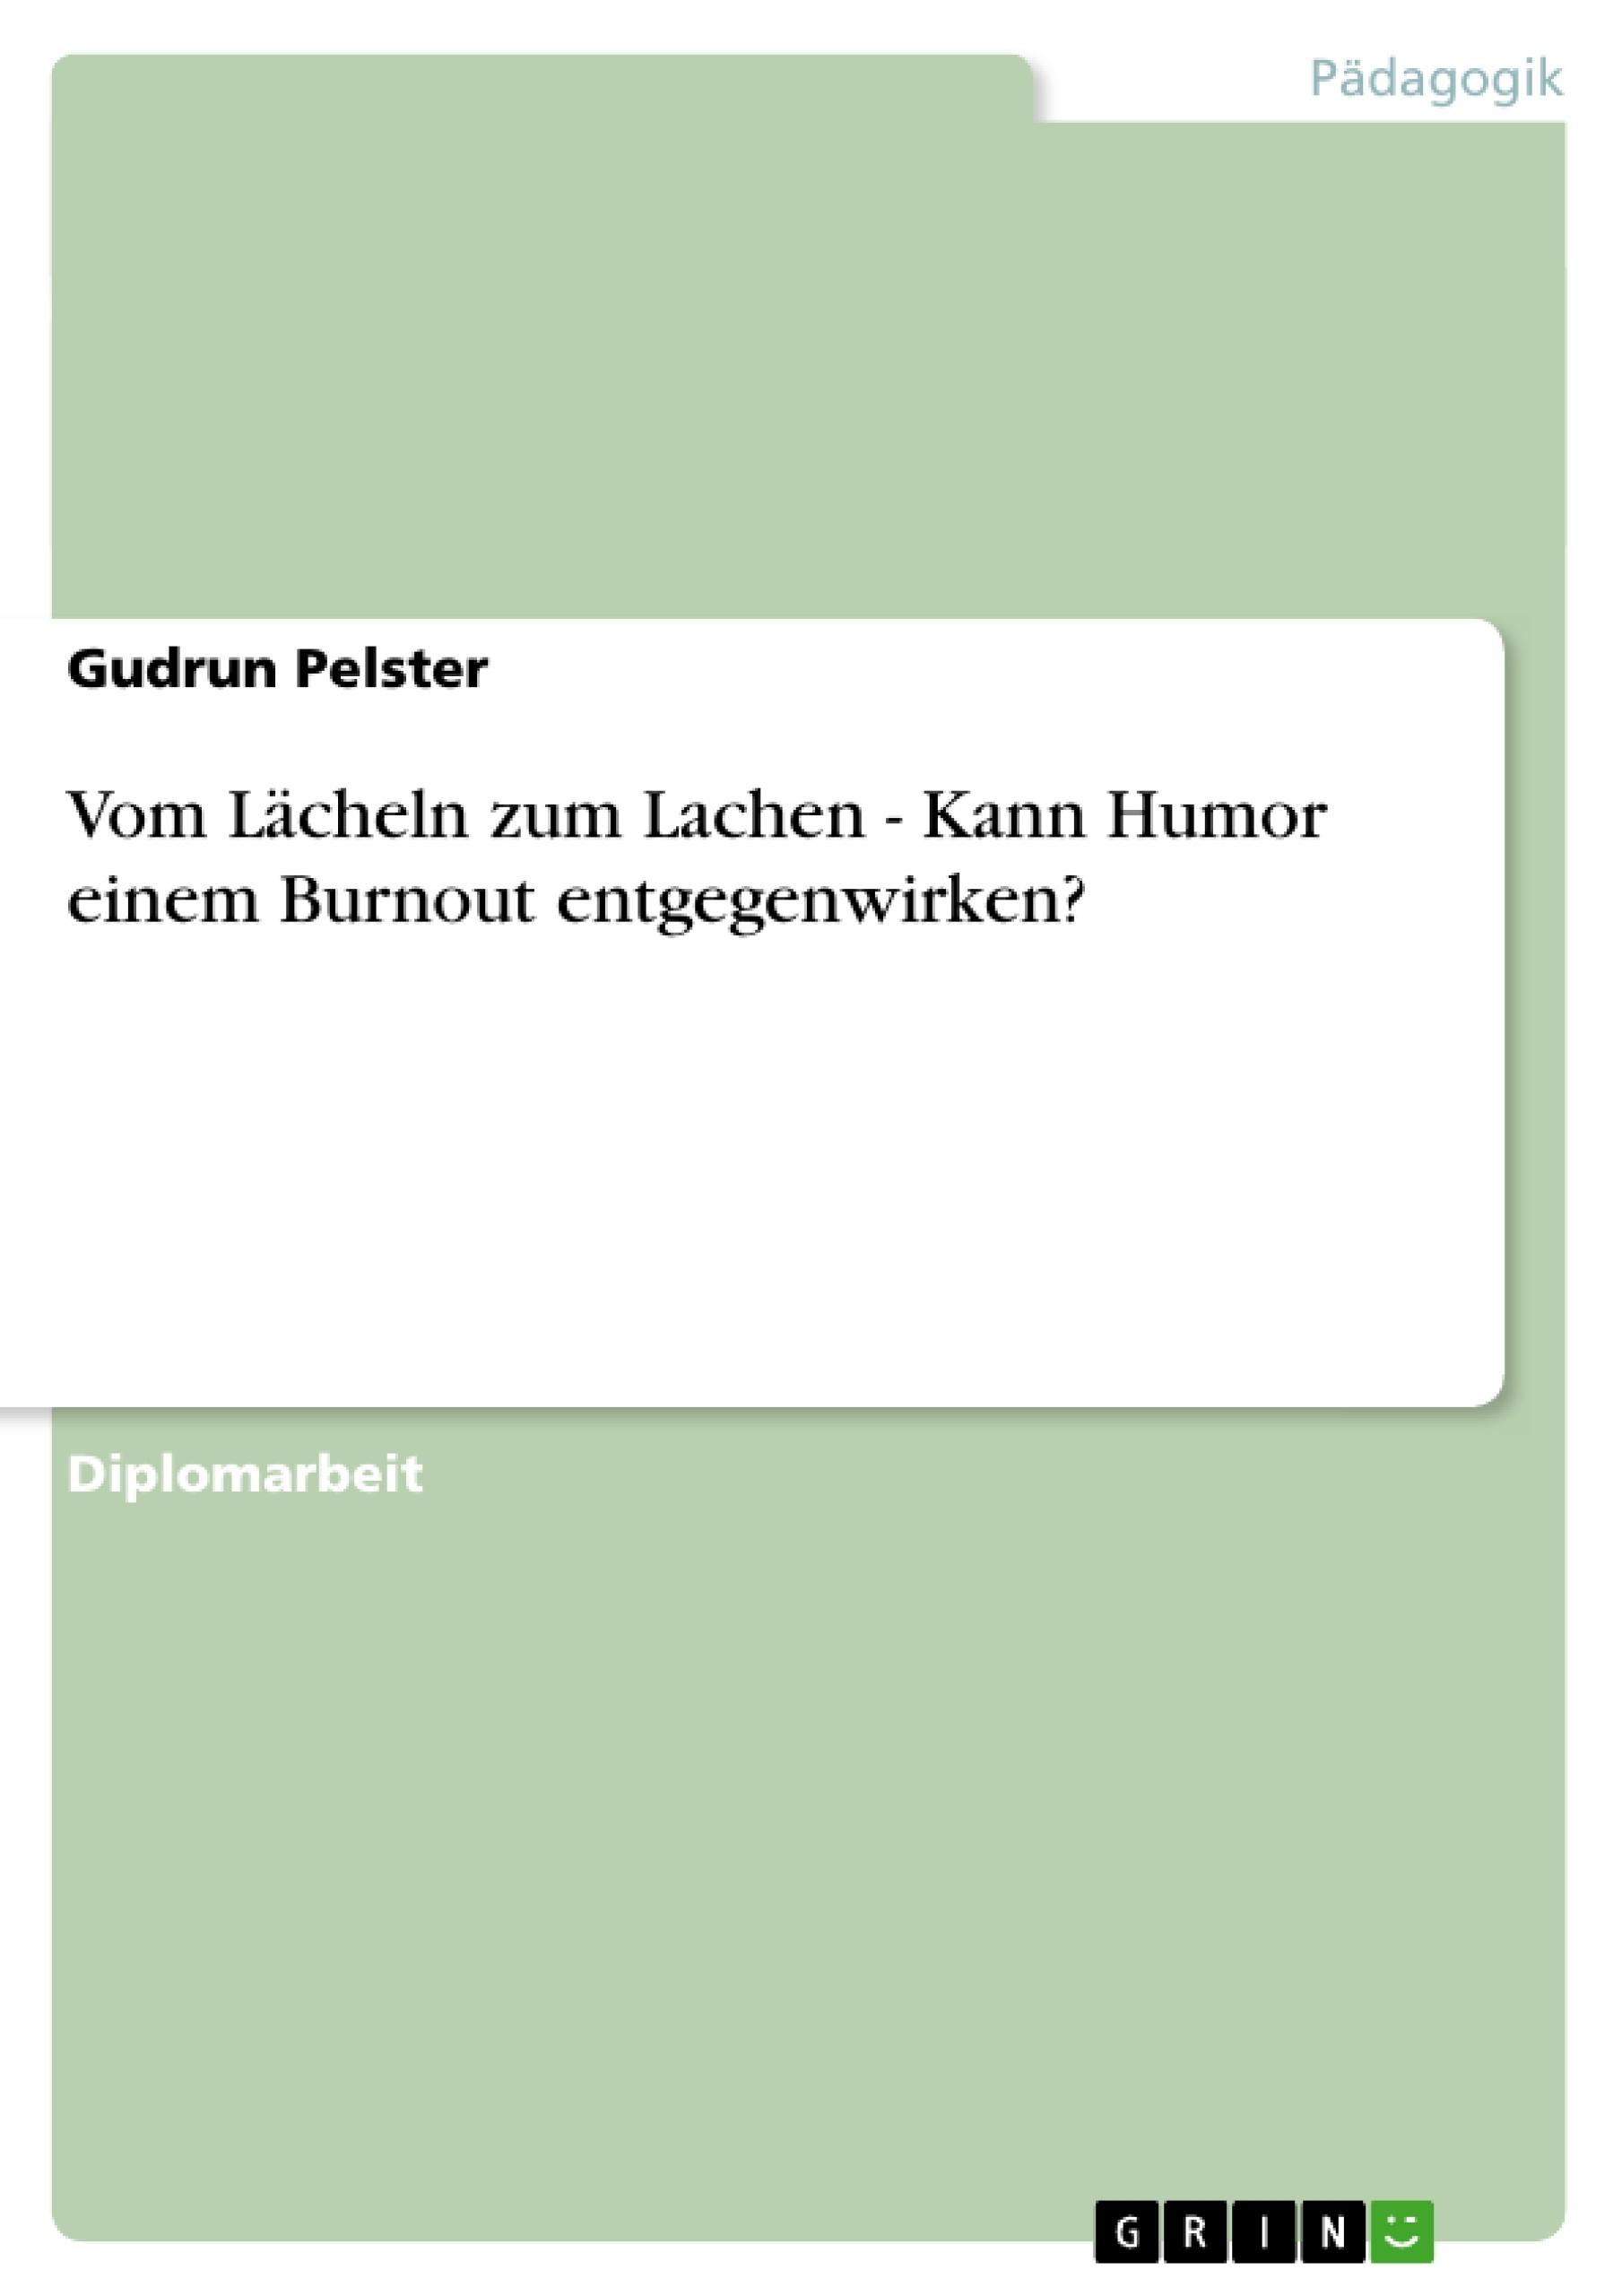 Titel: Vom Lächeln zum Lachen - Kann Humor einem Burnout entgegenwirken?